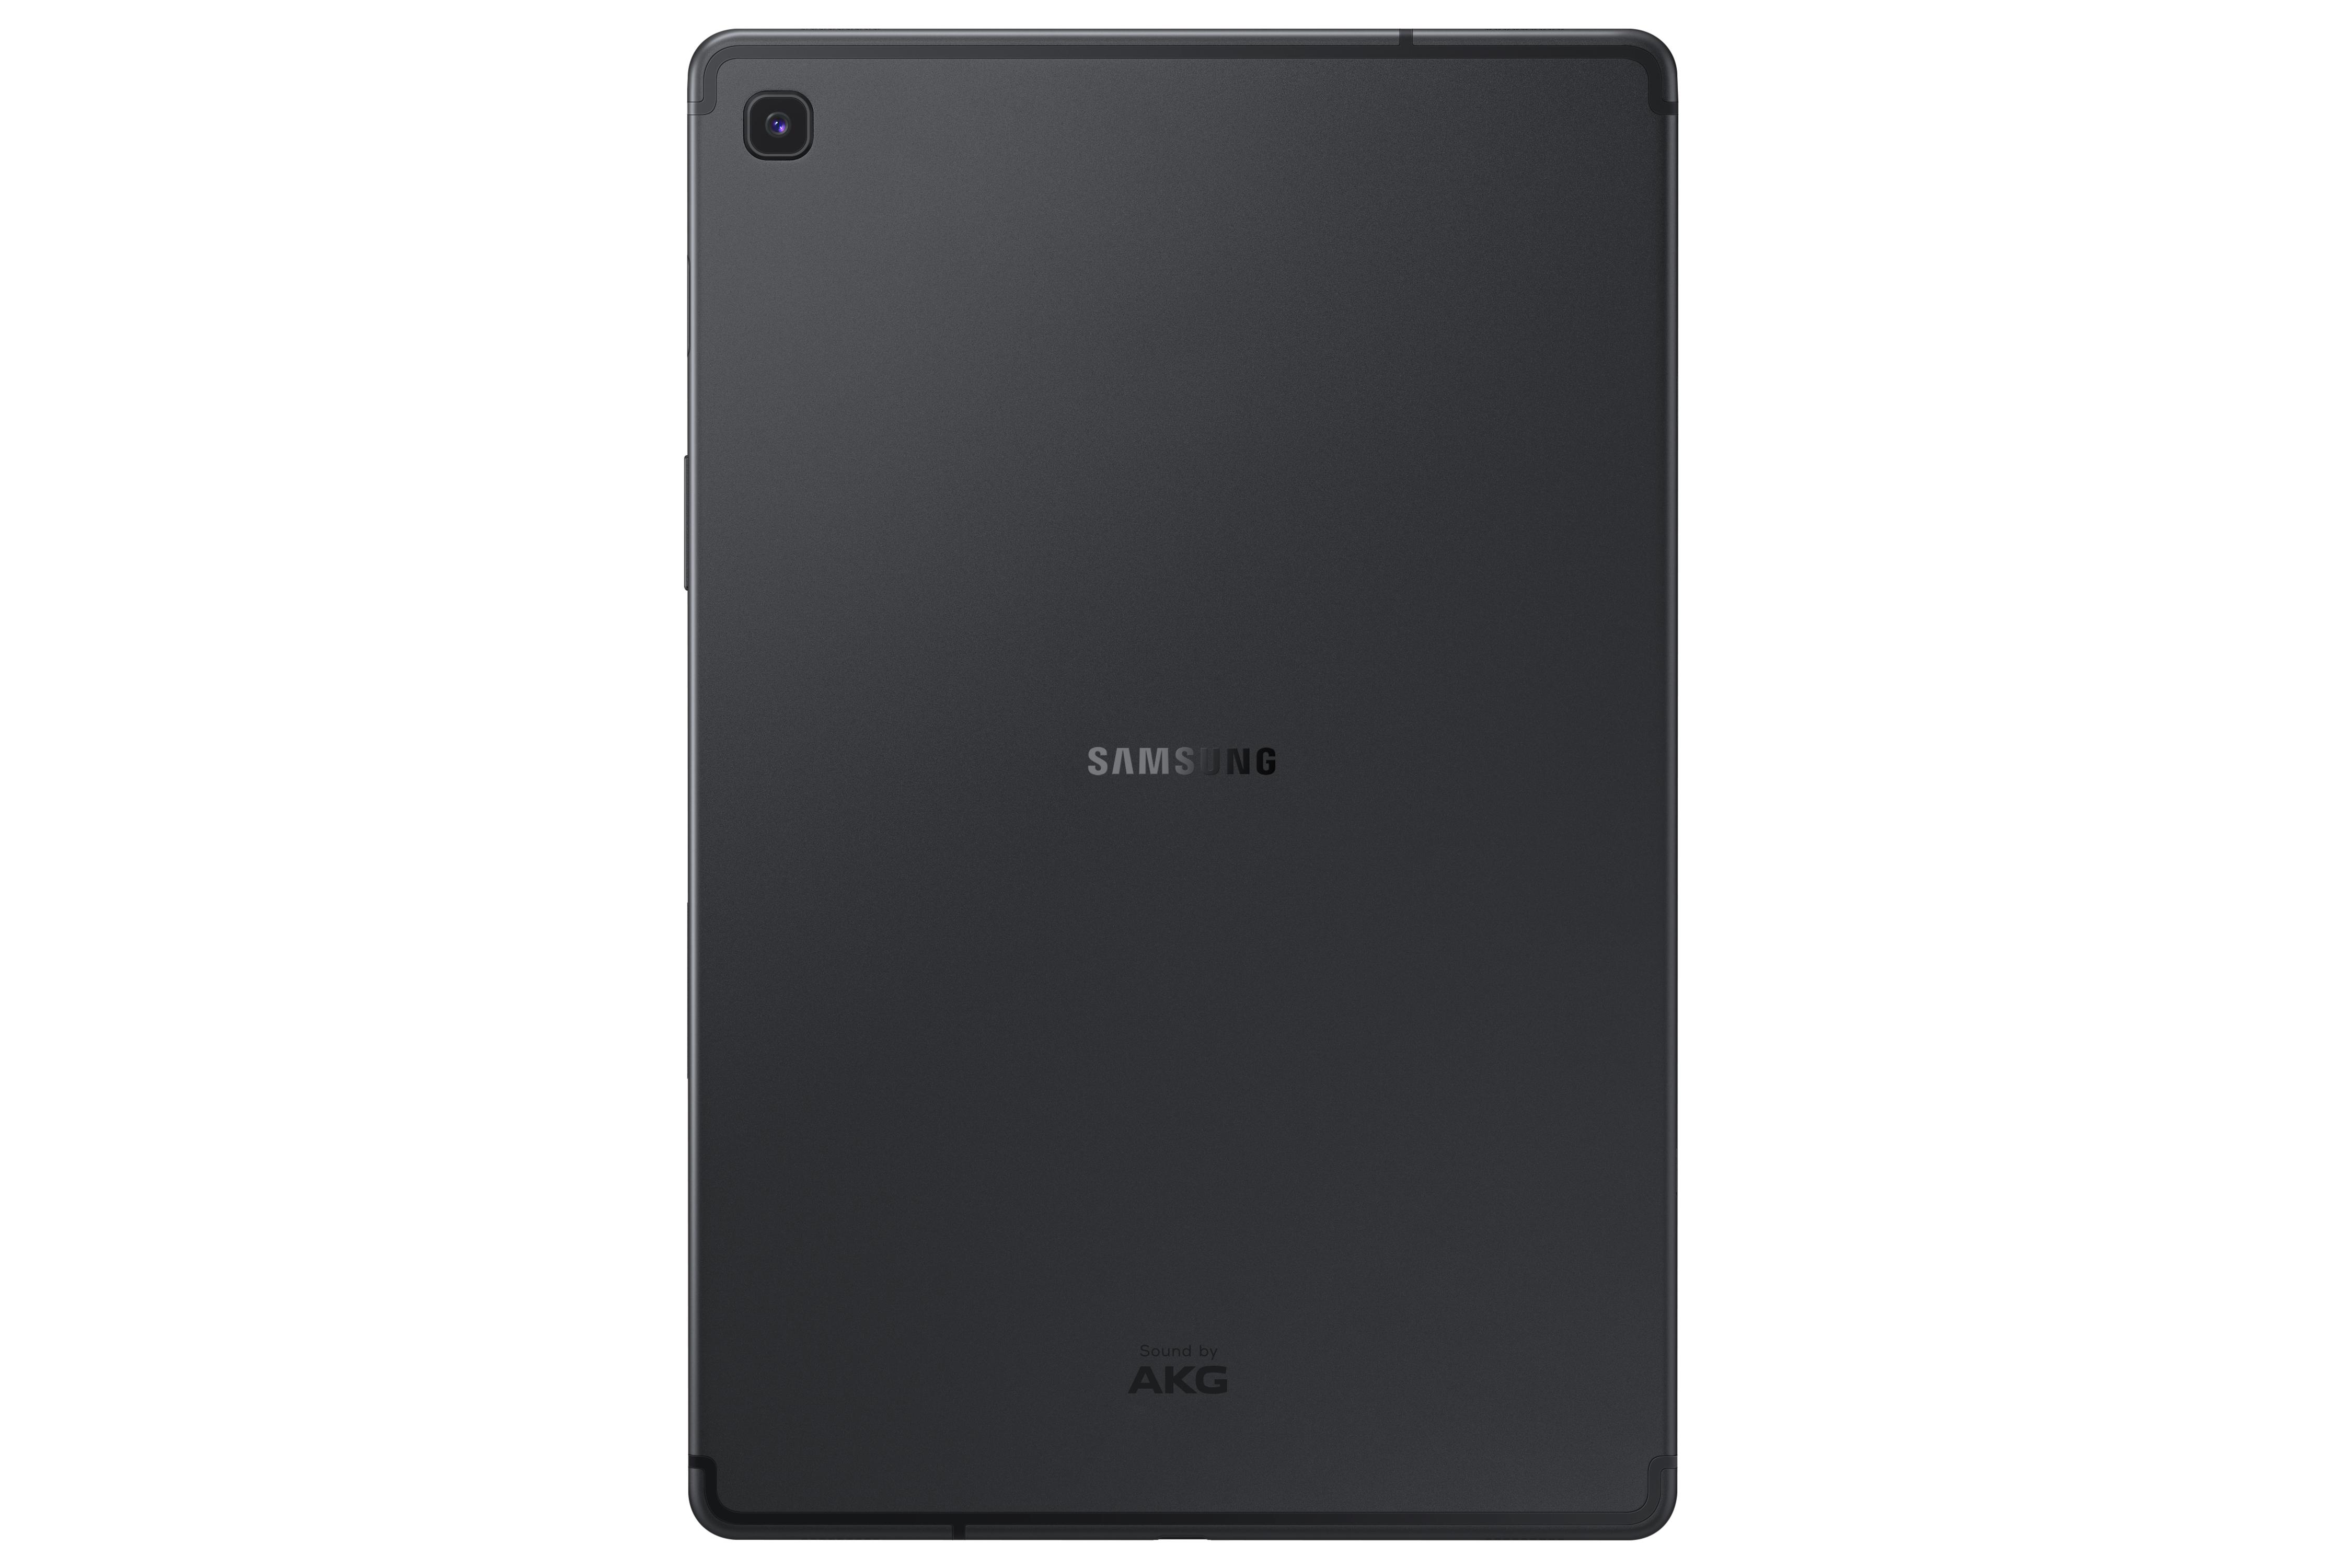 Samsung announce Tab S5e